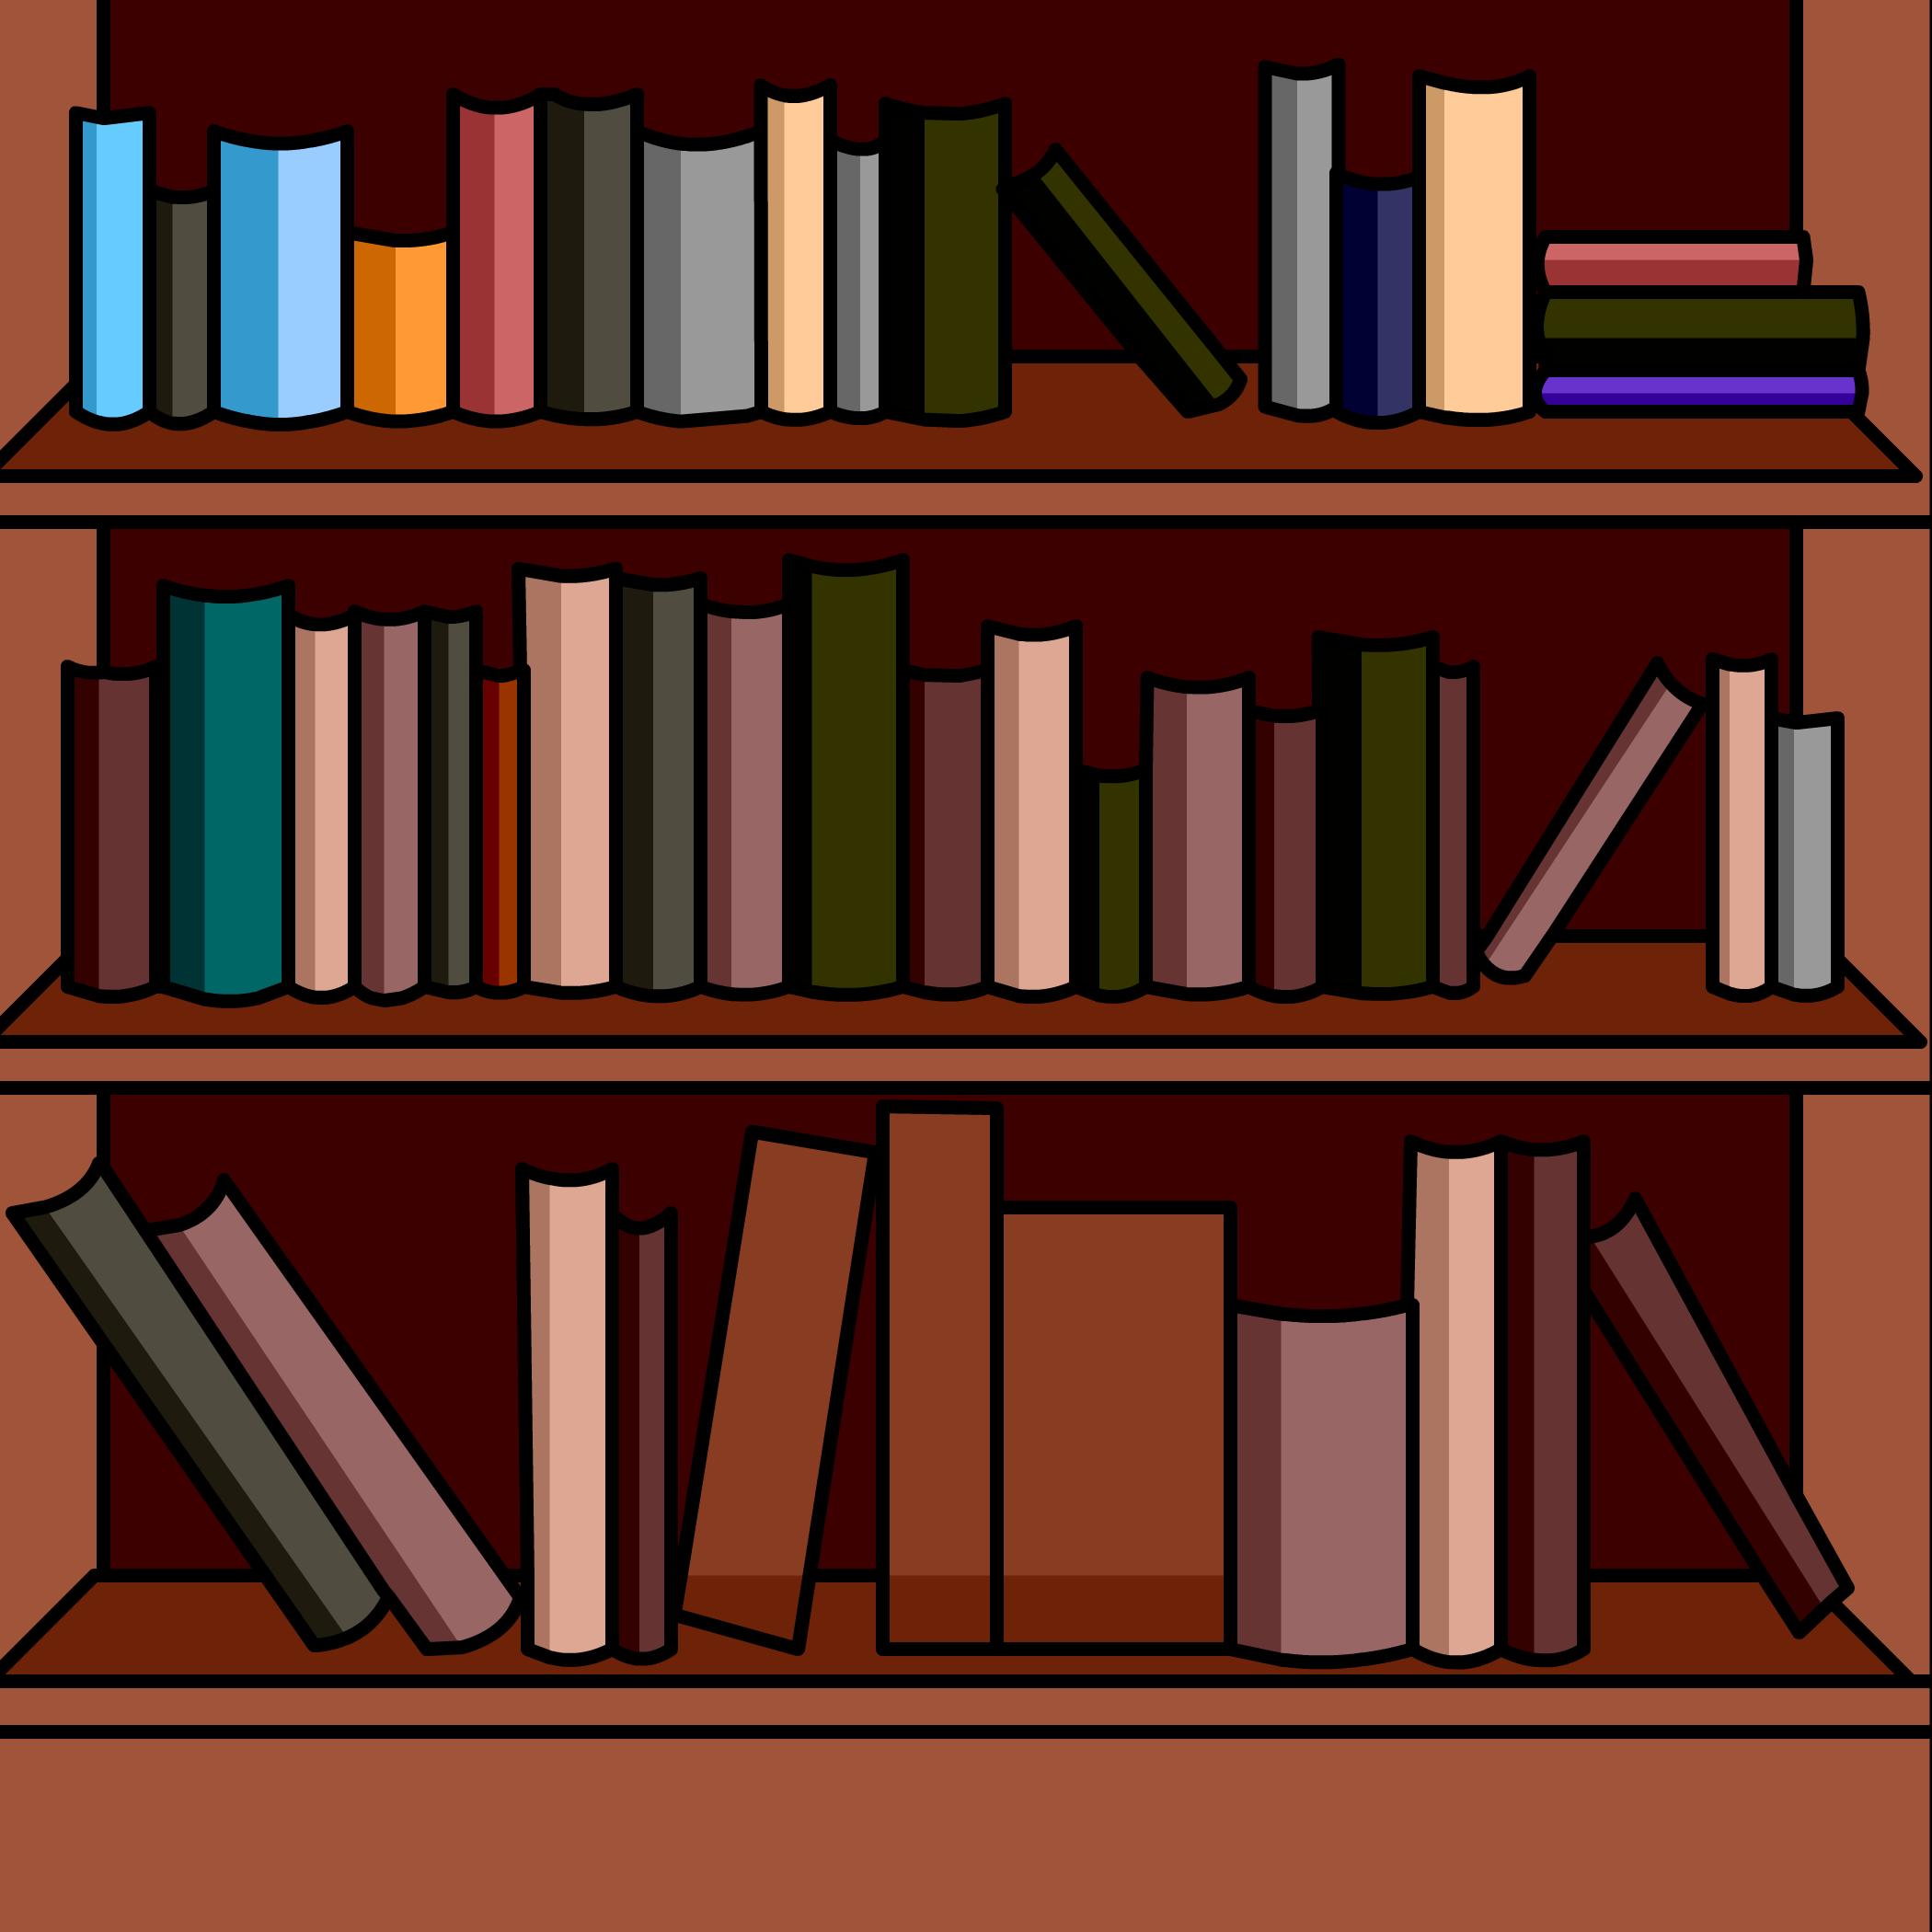 Bookshelves Background